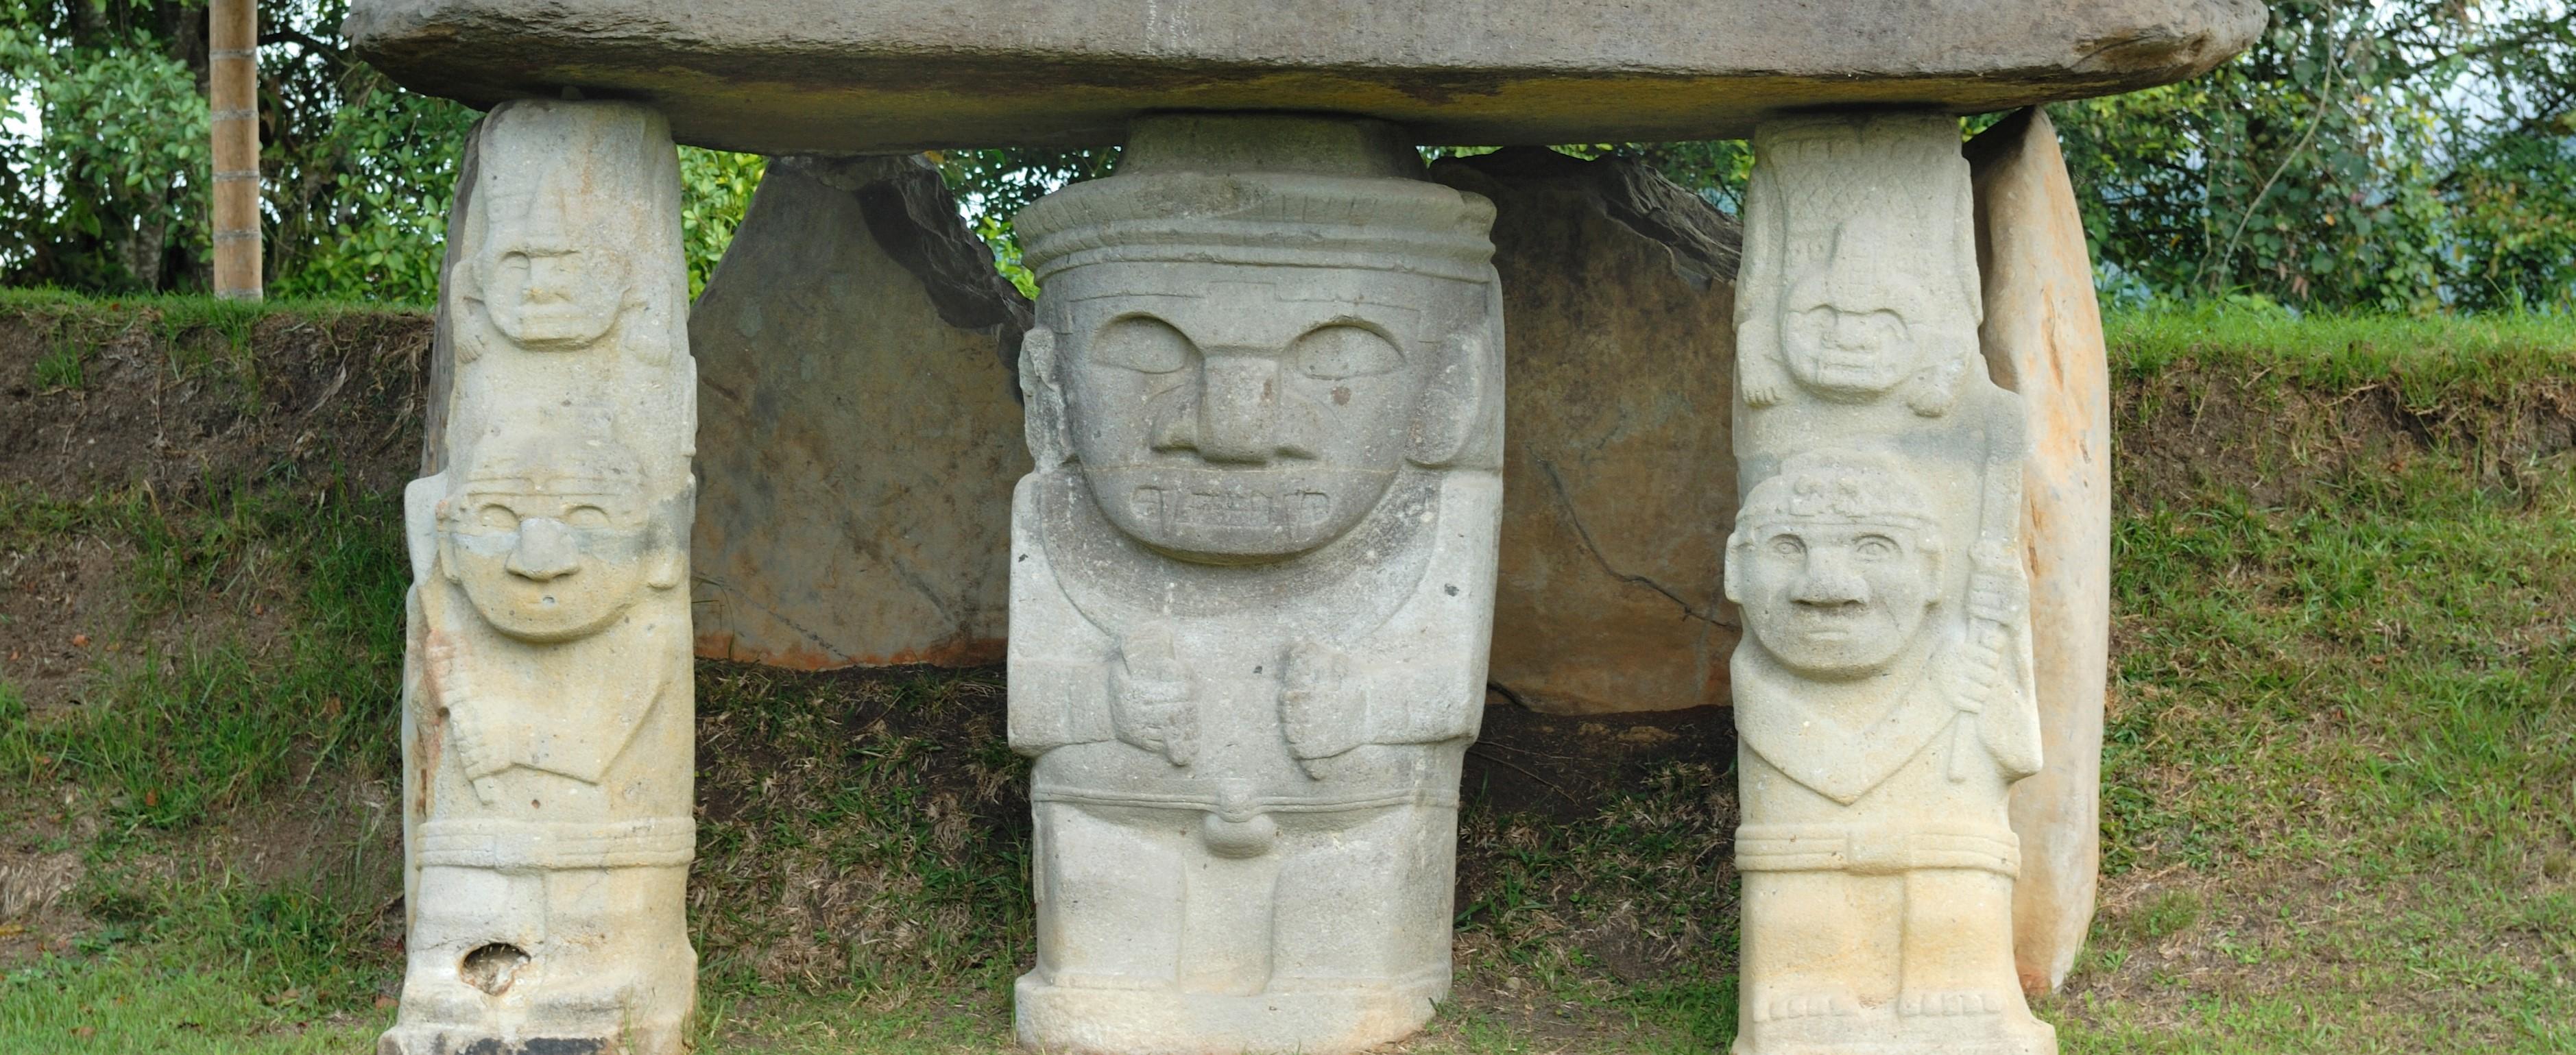 https://www.kontour-travel.com/wp-content/uploads/san-agustin-colombia-parque-arqueologico-004-2.jpg